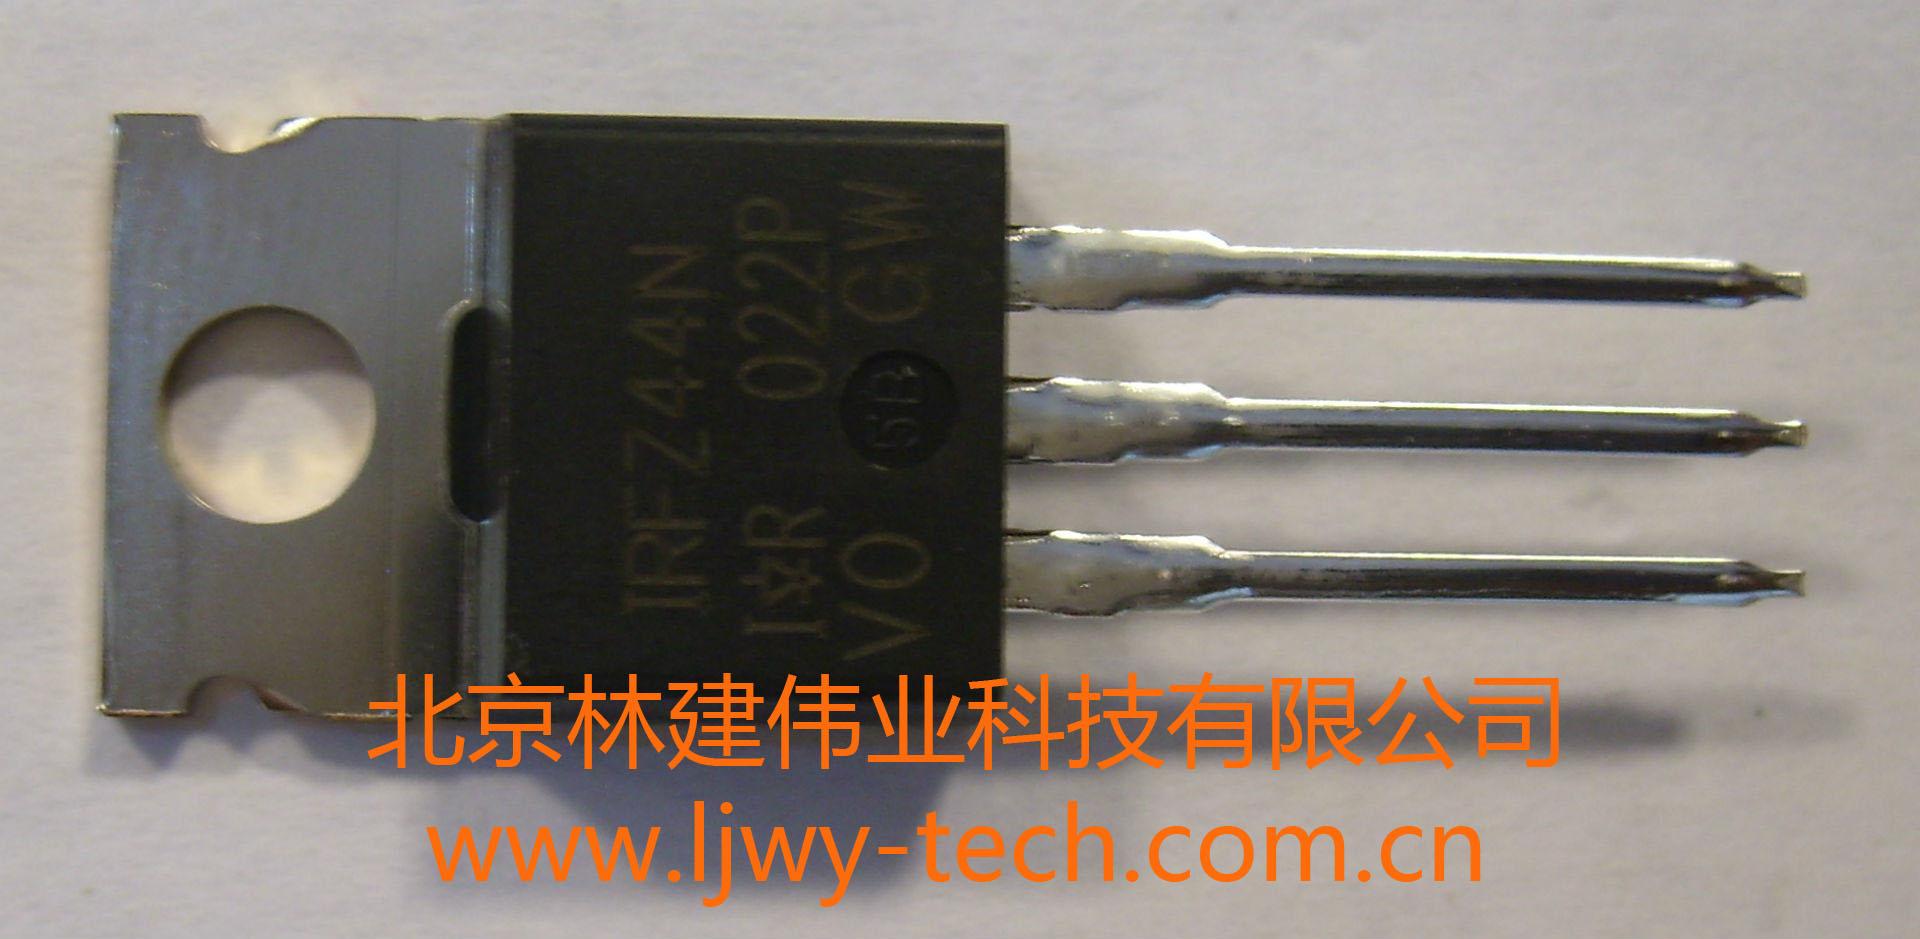 首页 ic 集成电路/ic > 供应  irfz44npbf